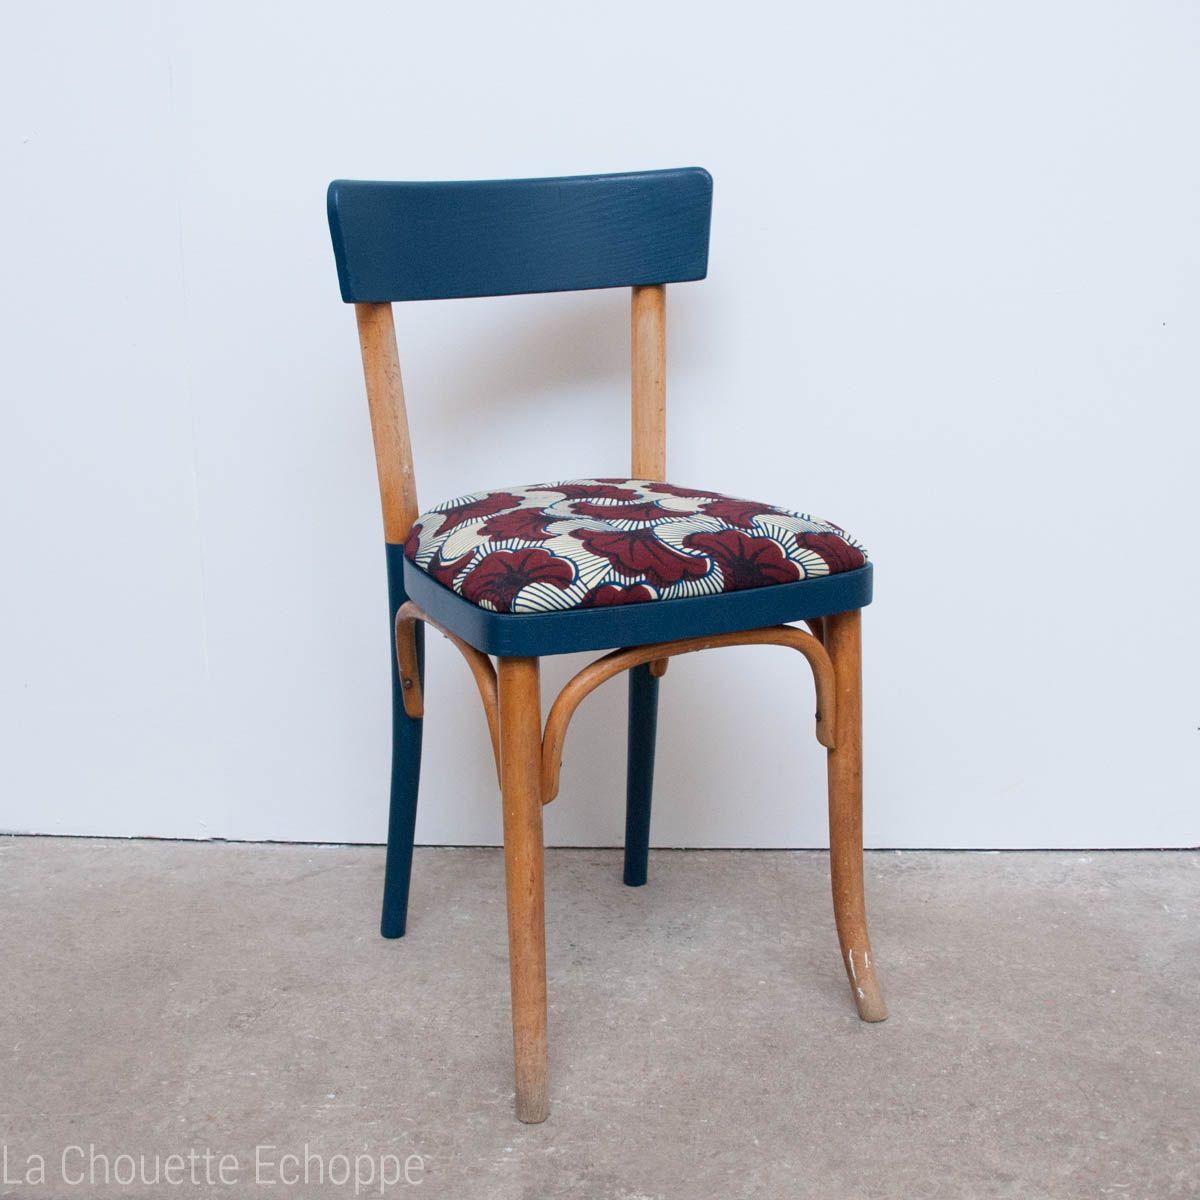 Chaise Thonet chaise thonet vintage de bistrot réactualisée en bleu nuit et wax